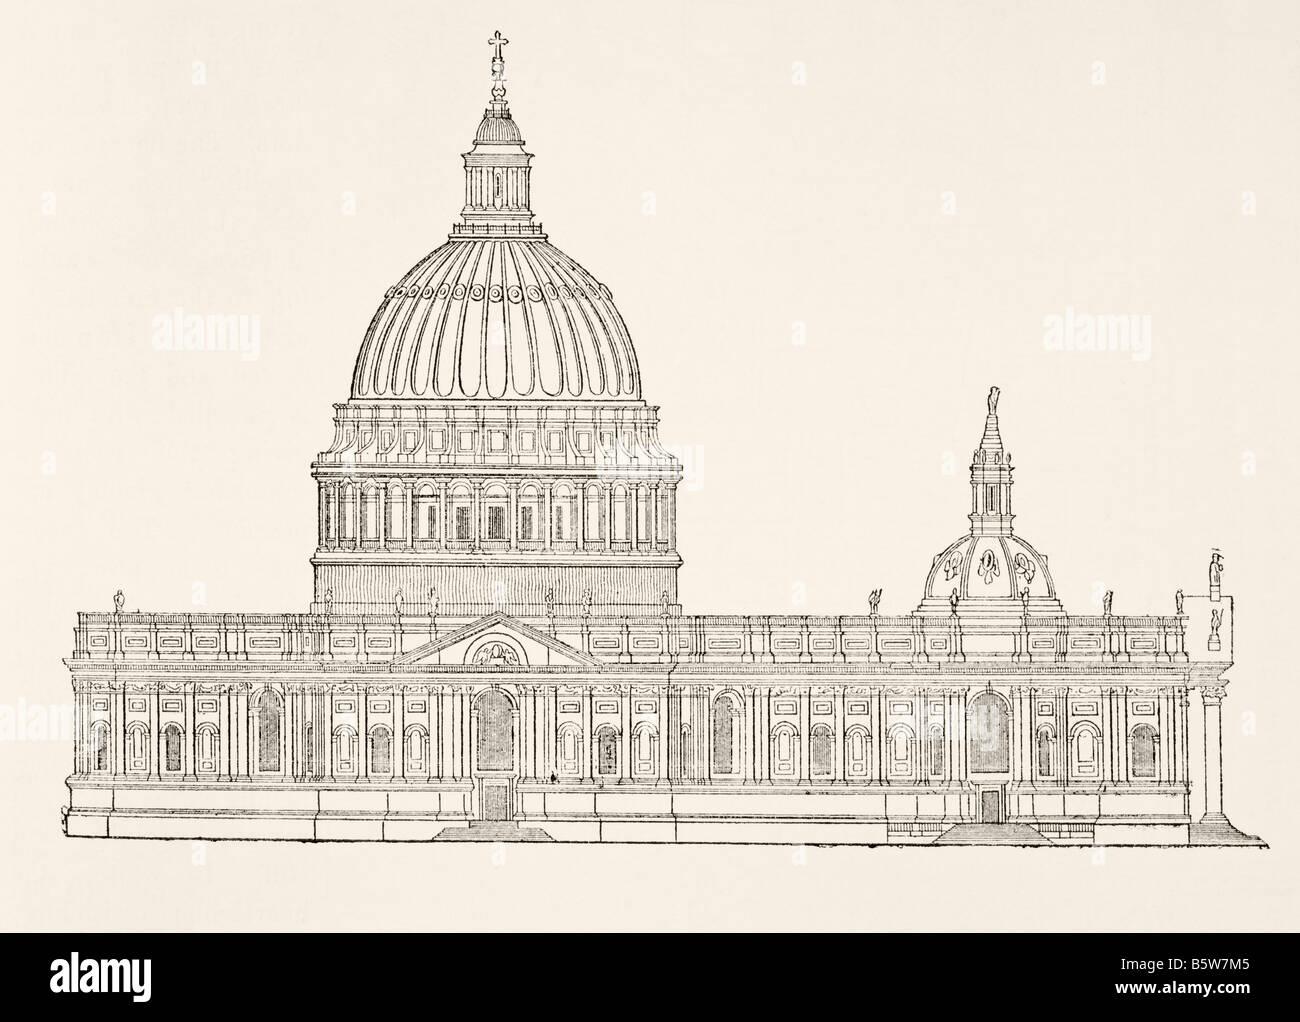 Christopher Wren s erster Entwurf für den neuen St Paul s Cathedral nach dem großen Brand von London Stockfoto